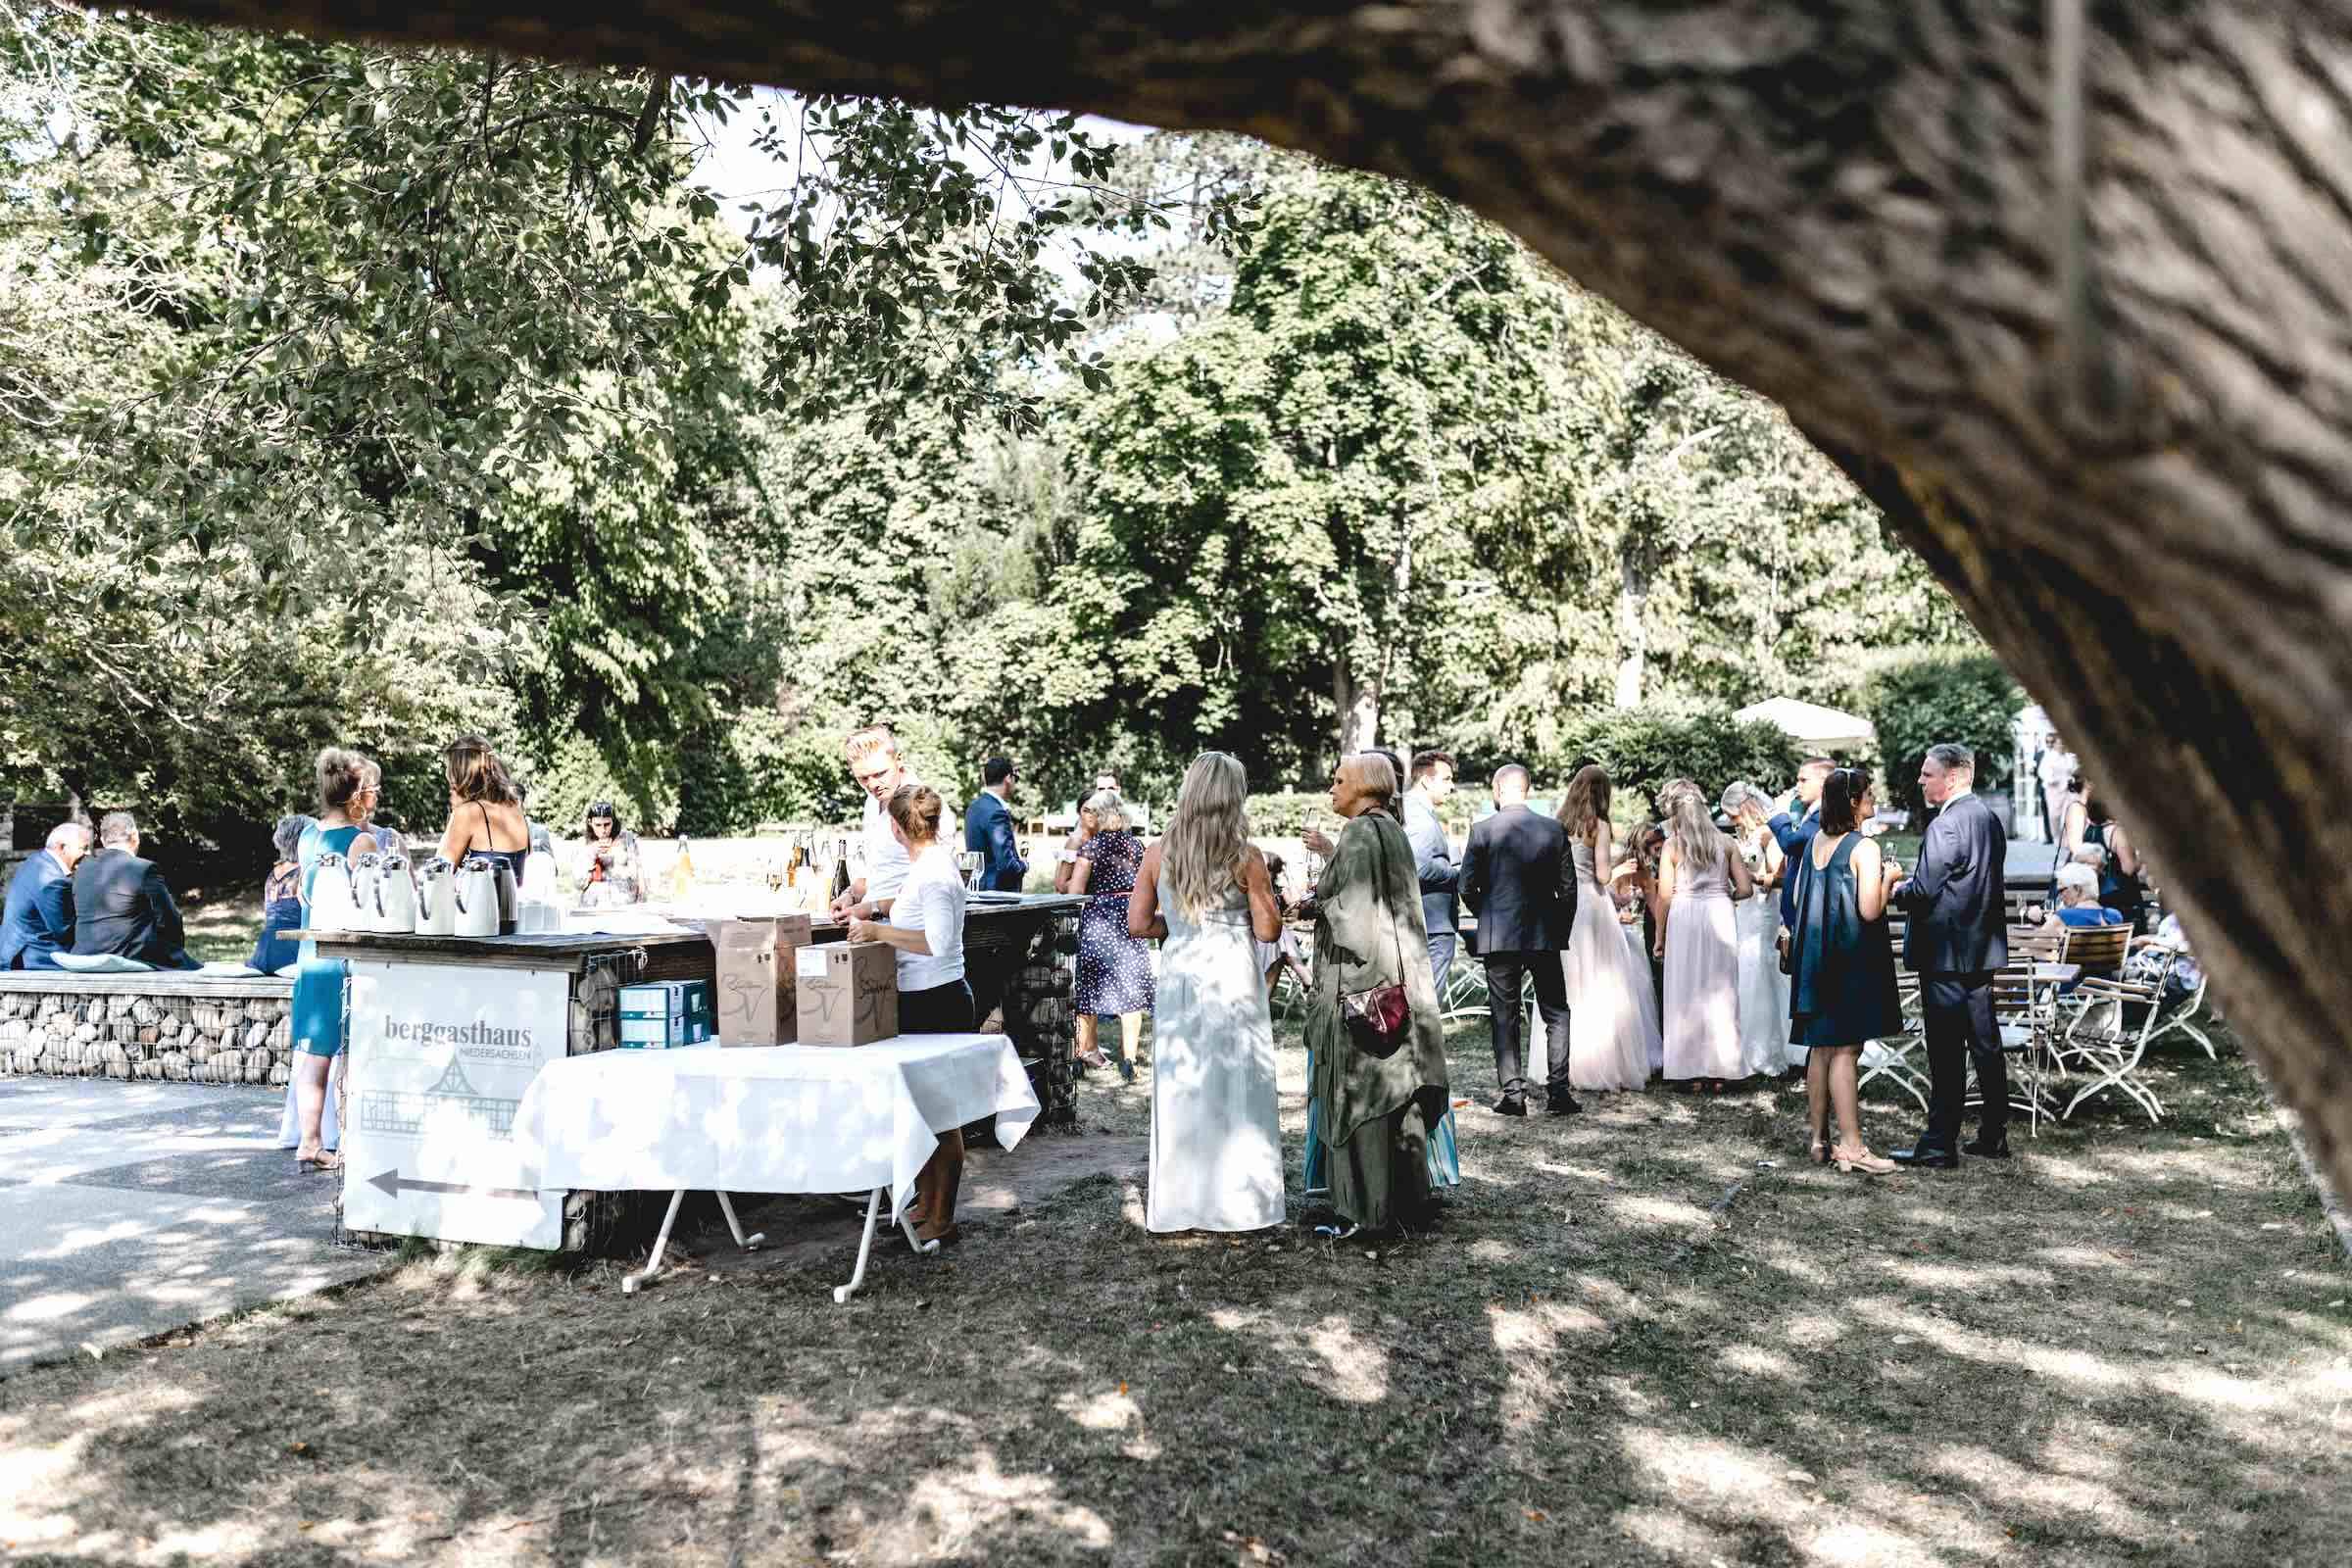 Berggasthaus | Niedersachsen | Hochzeit | Hannover | Empfang | Feiern | Locations | Hochzeitsplanung | Fotograf | Hochzeits | Empfang | Brautpaar | Fotograf | Referenz | Lehmann | Eventservice